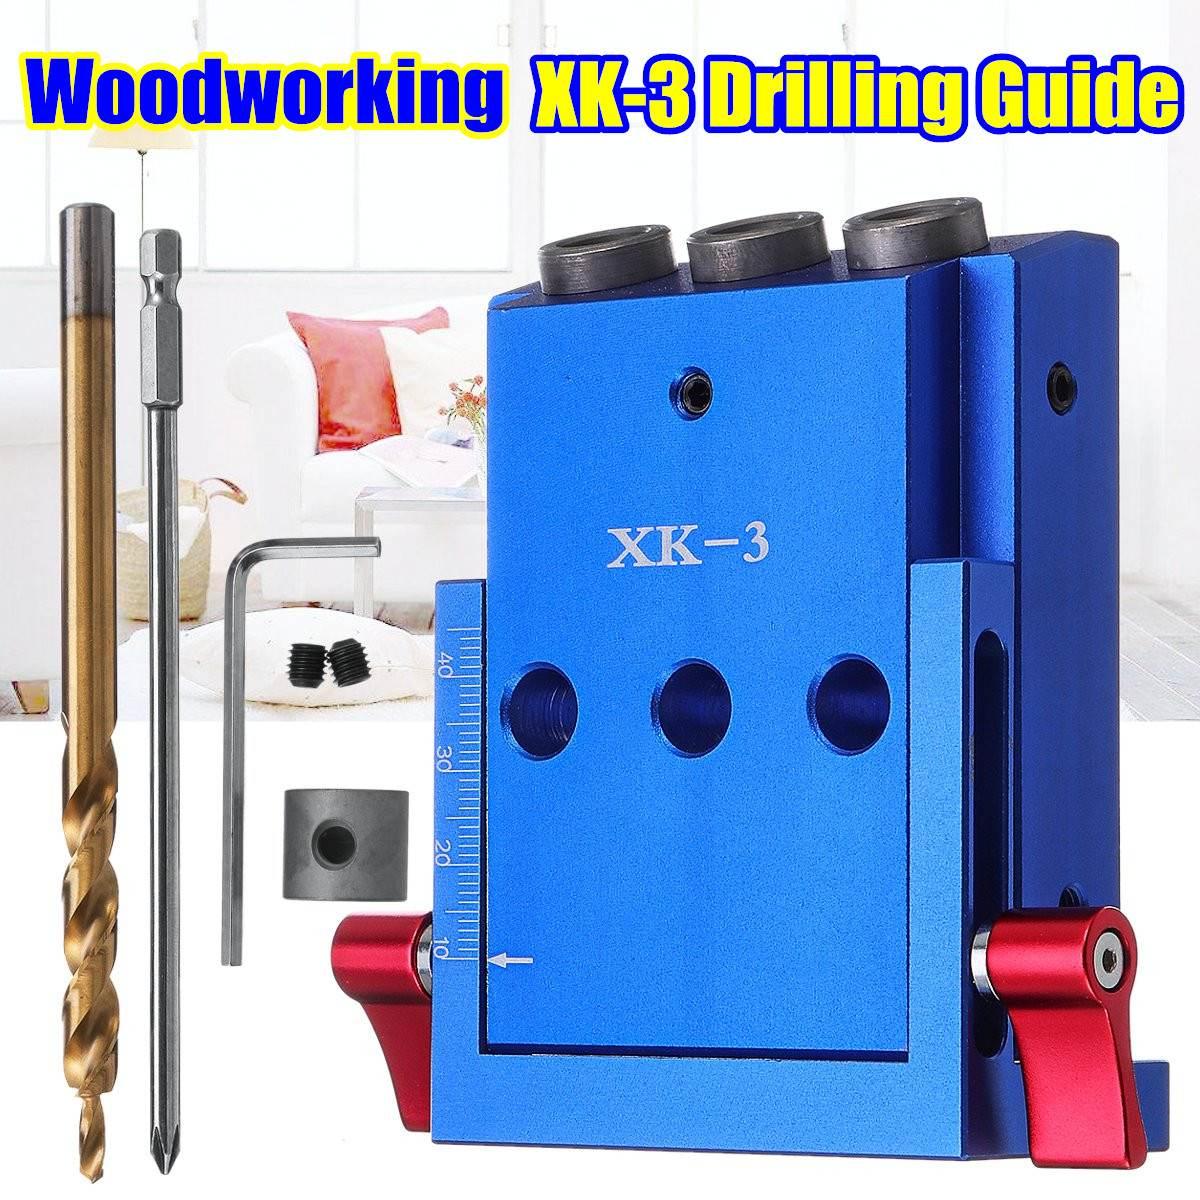 XK-3 poches trou gabarit menuiserie Guide réparation charpentier Kit système 9.5mm foret 3 trous menuiserie Oblique Guide de forage localisateur